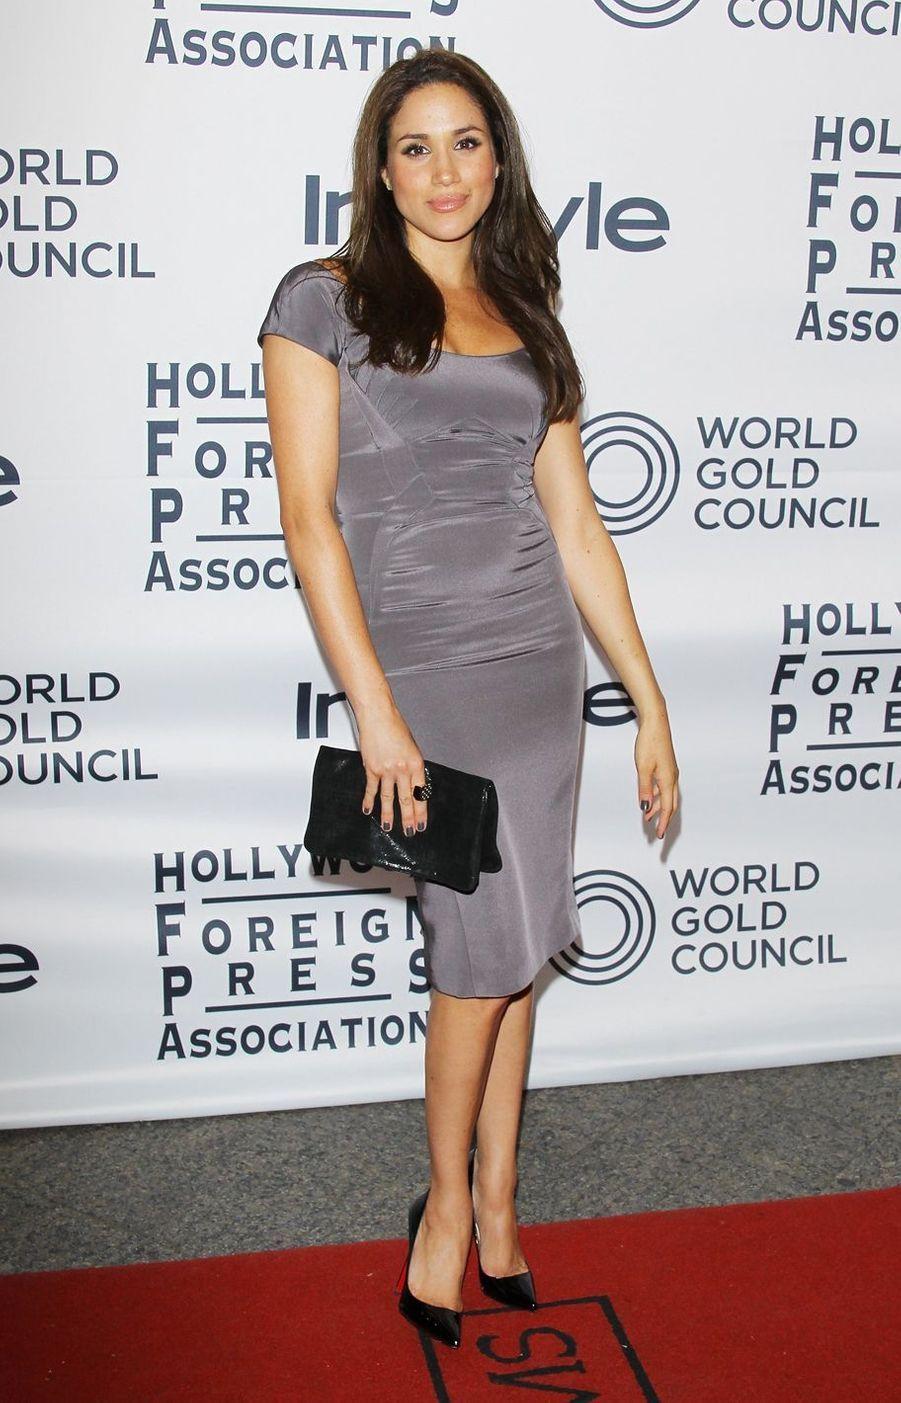 Meghan Markle lors d'un événement organisé en marge du Festival du film de Toronto en septembre 2012.